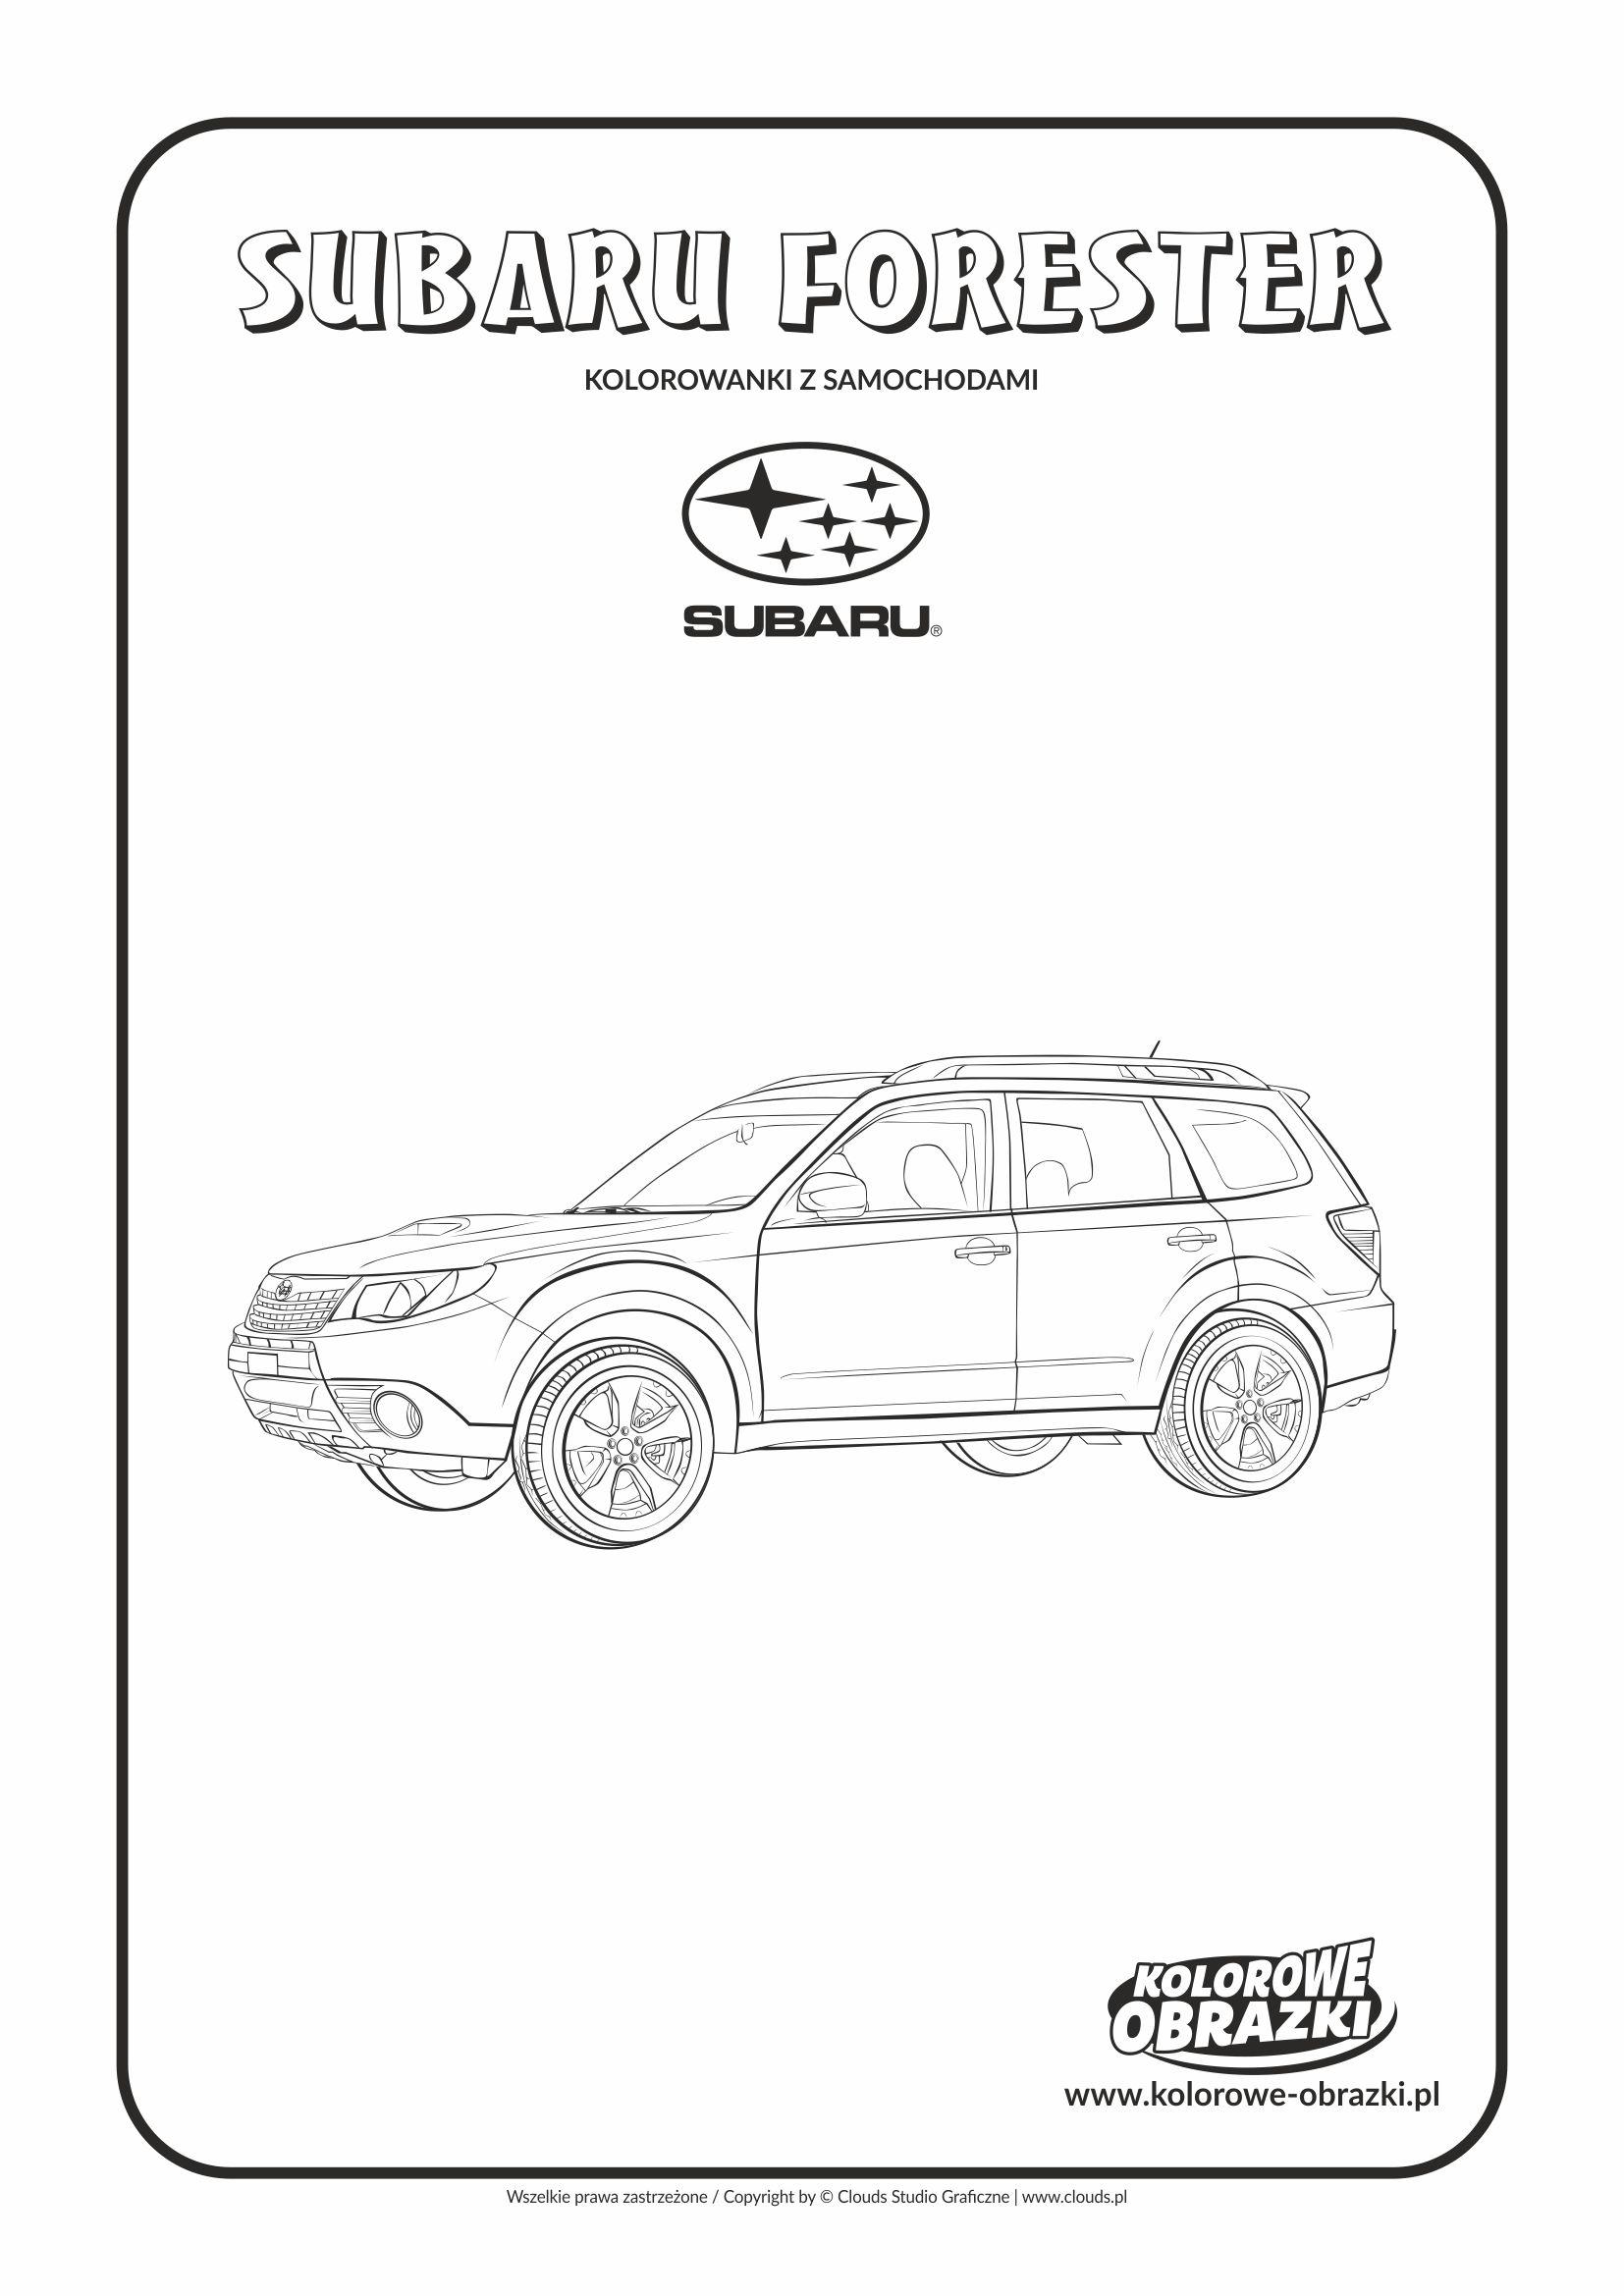 Kolorowanki dla dzieci - Pojazdy / Subaru Forester. Kolorowanka z Subaru Forester